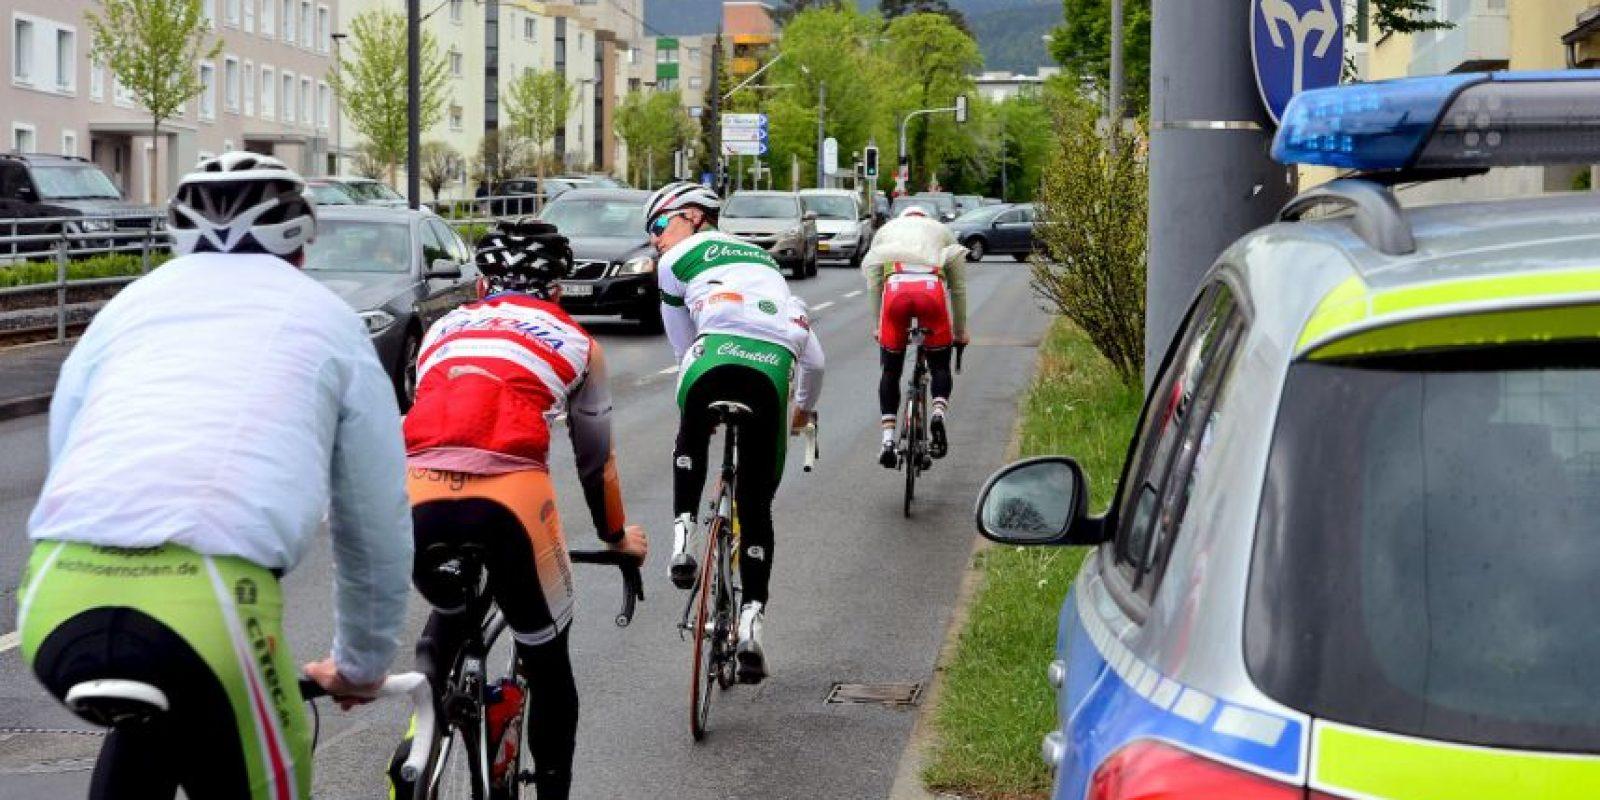 Los sospechosos planeaban un atentado en una carrera de ruta en bicicleta Foto:Getty Images